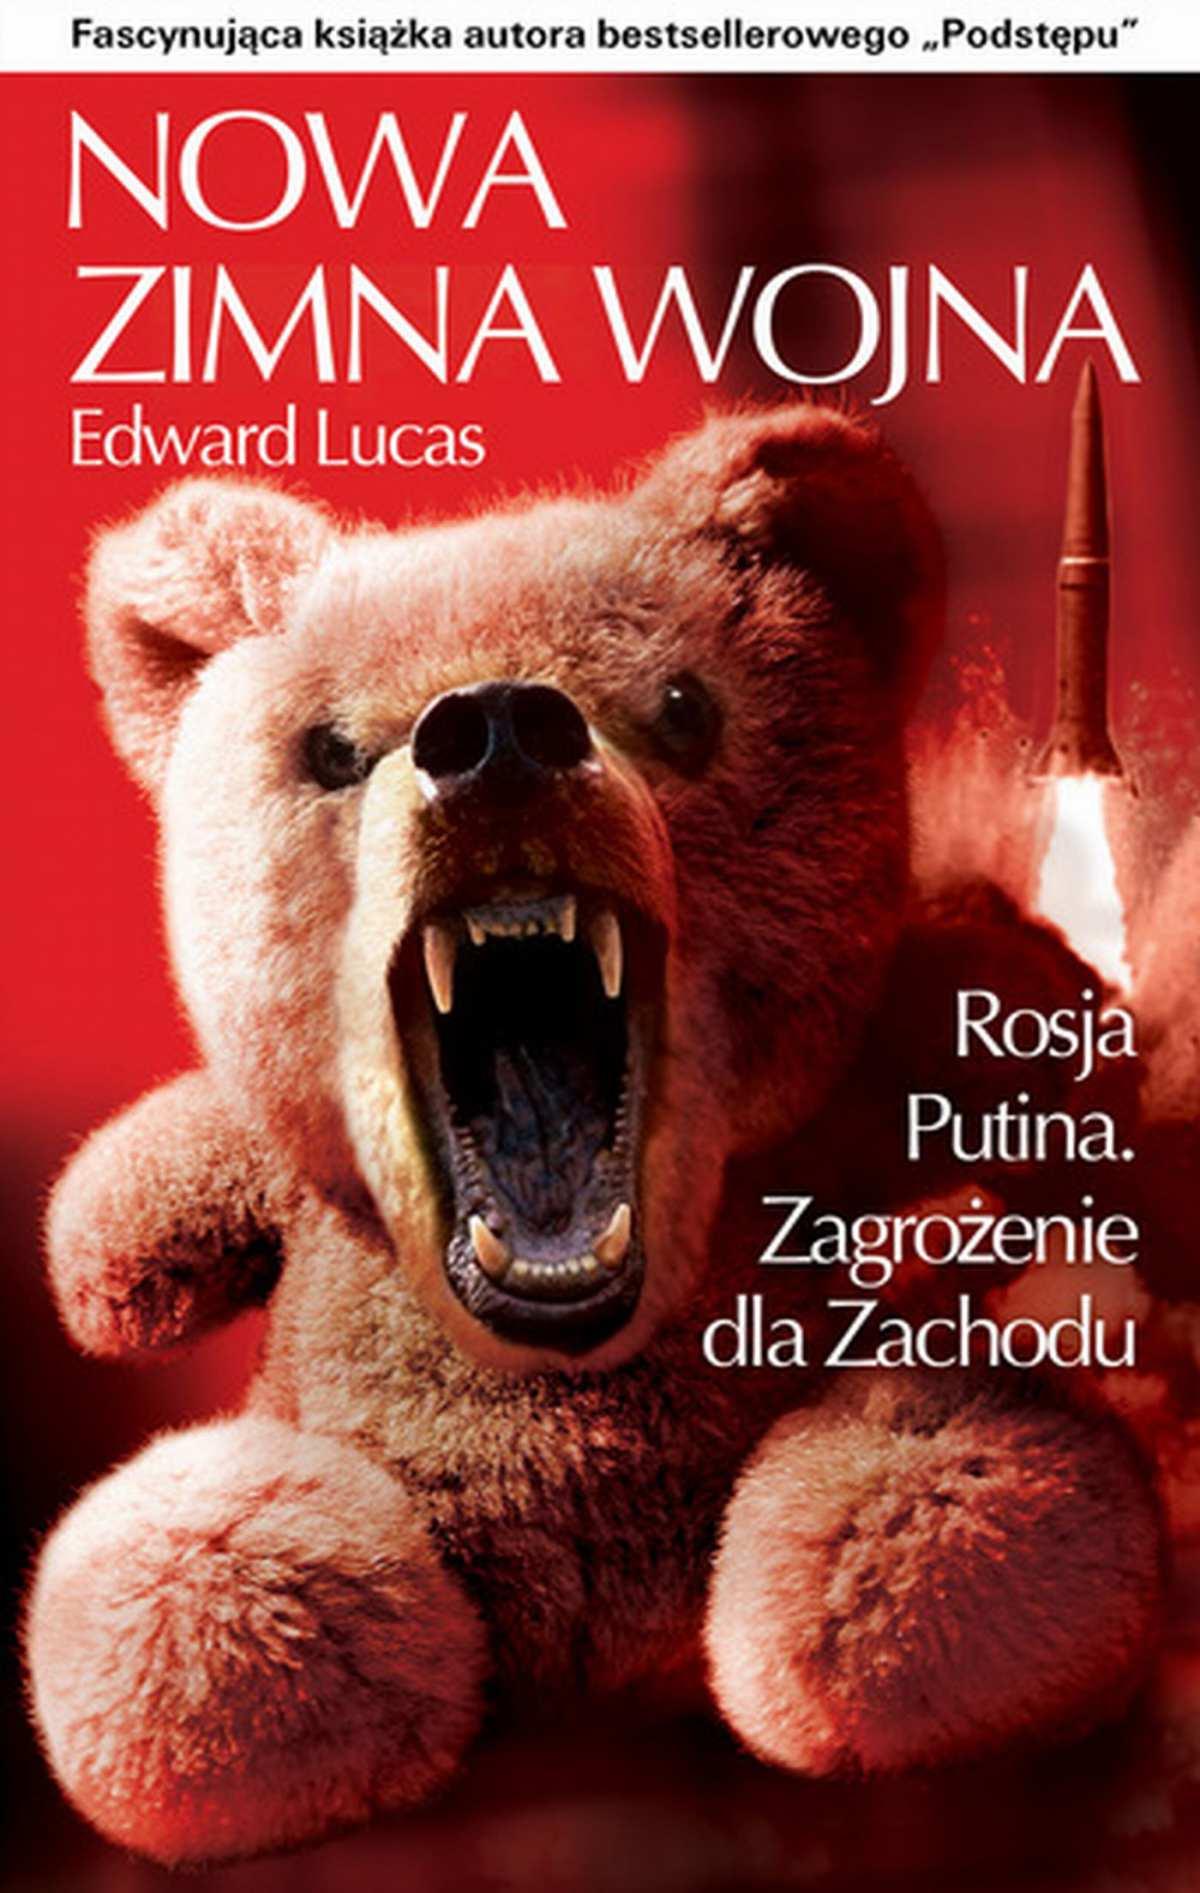 Nowa zimna wojna - Ebook (Książka EPUB) do pobrania w formacie EPUB